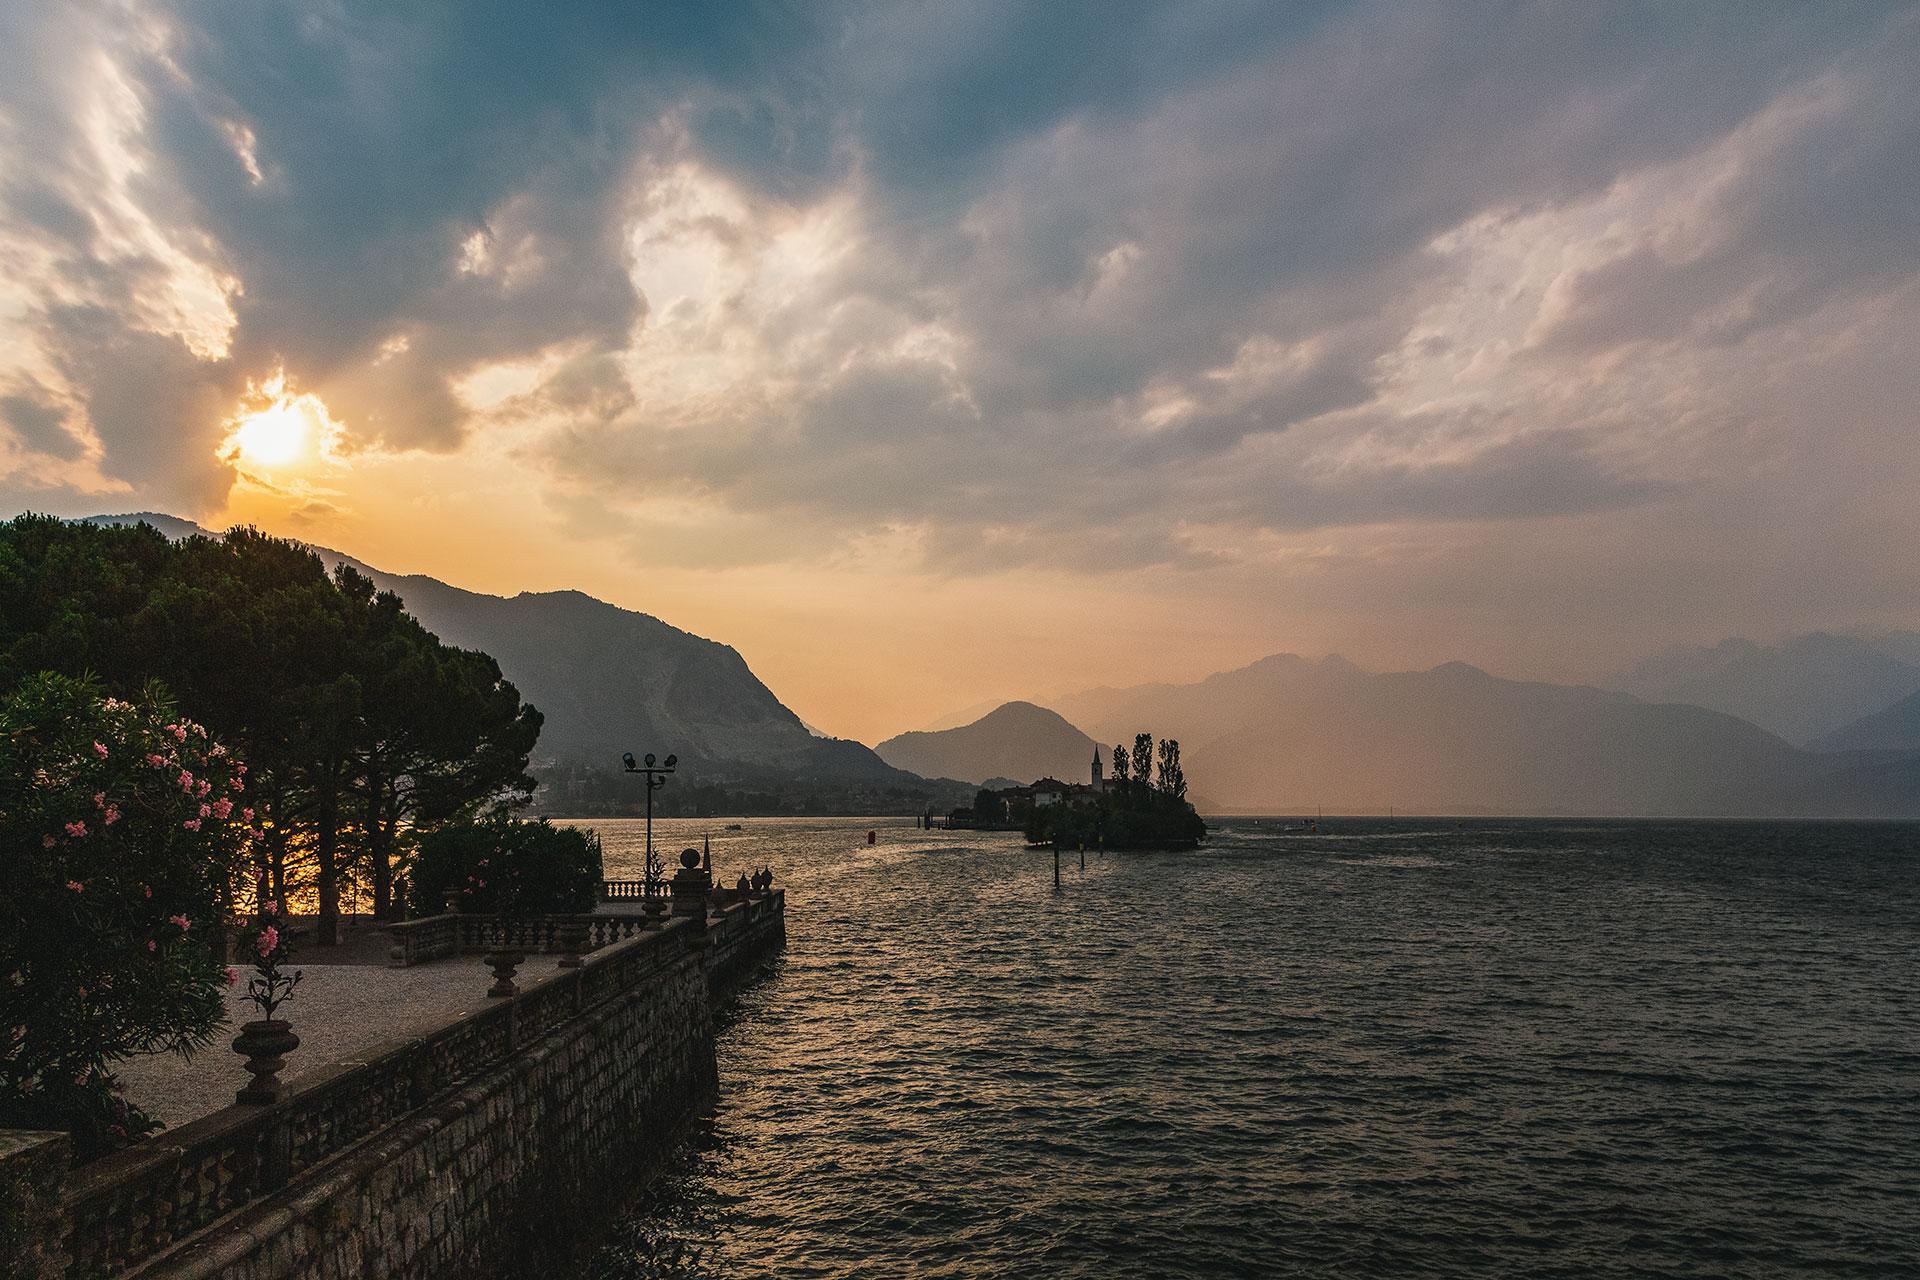 Für Romantiker: mit einem kühlen Glas Weißwein in der Hand dem Sonnenuntergang hinter den Bergen Bavenos von der Isola Bella aus zusehen...